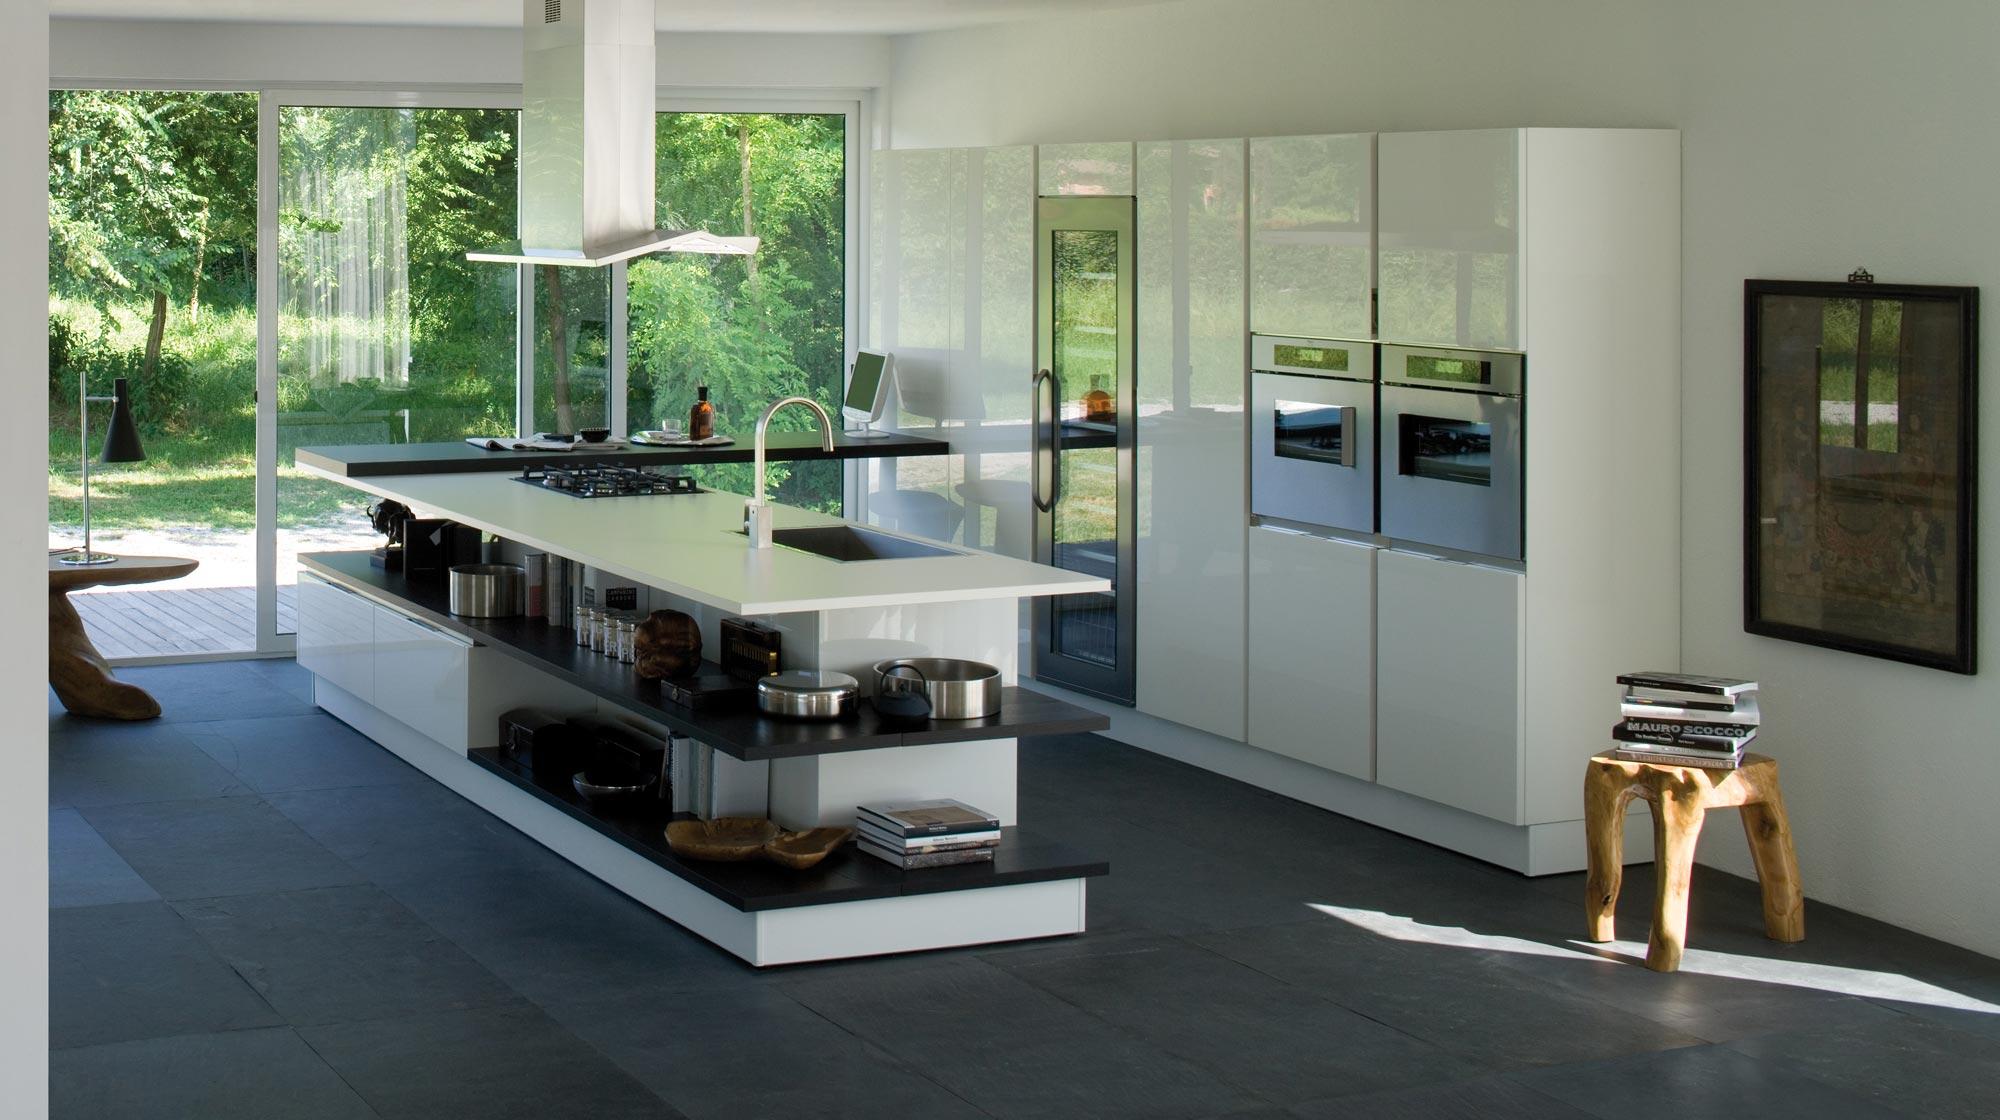 Beautiful Cucine Moderne Veneta Images - Farbideen fürs Wohnzimmer ...